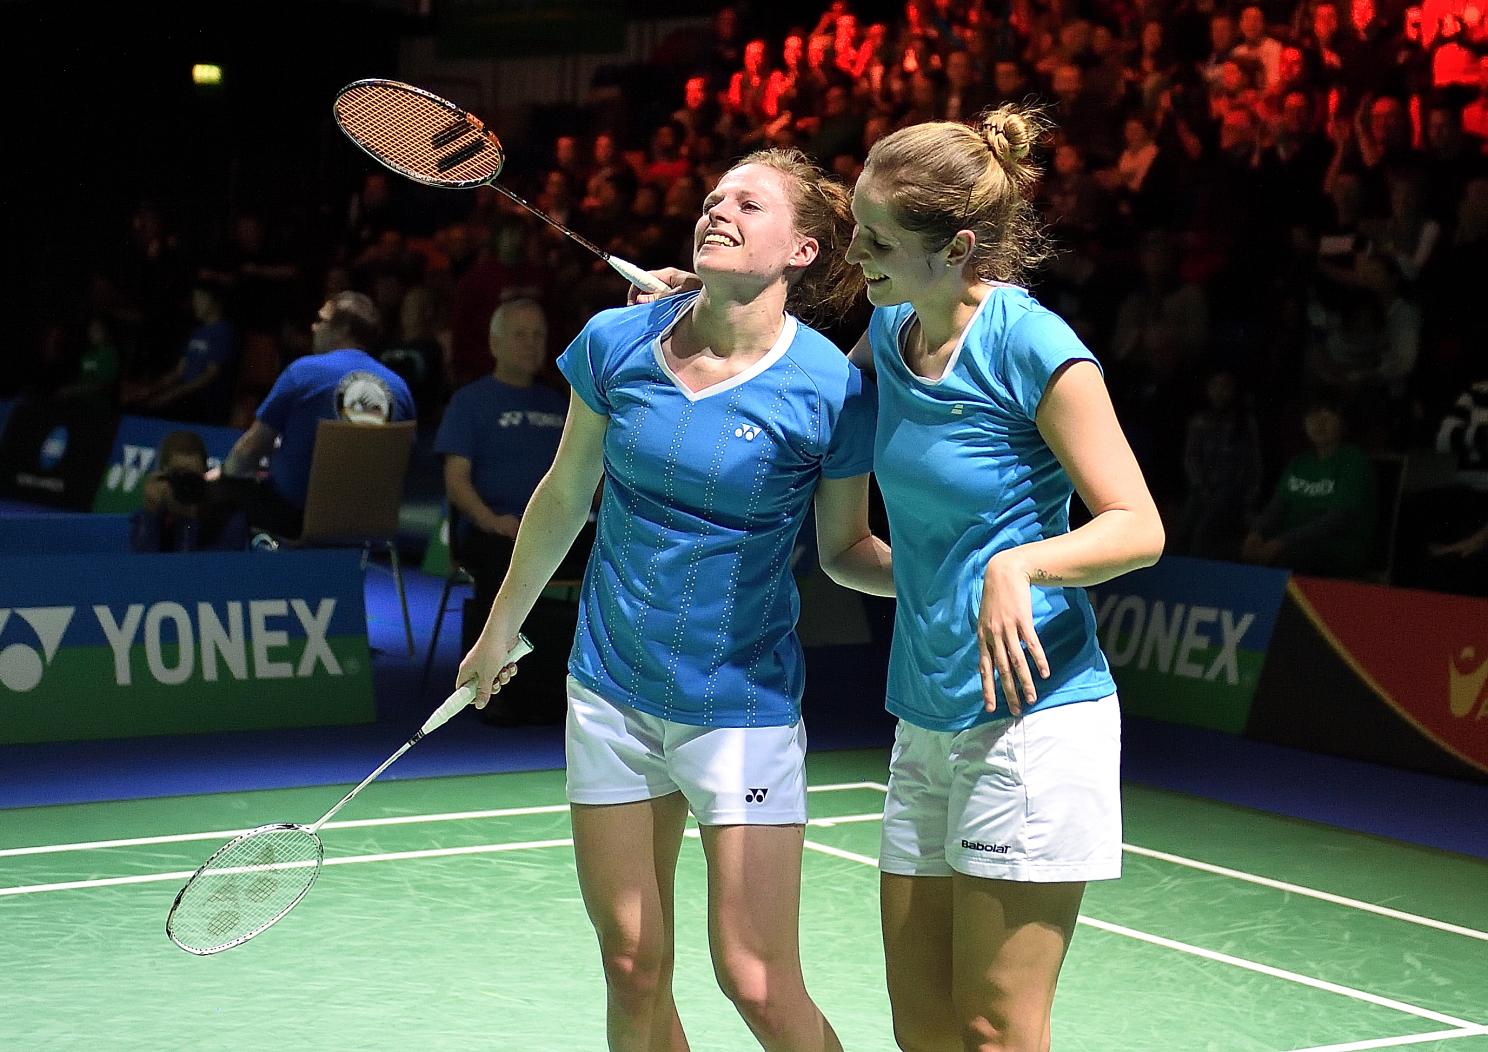 Carla Nelte und Isabel Herttrich, die überglücklichen Halbfinalistinnen aus Deutschland